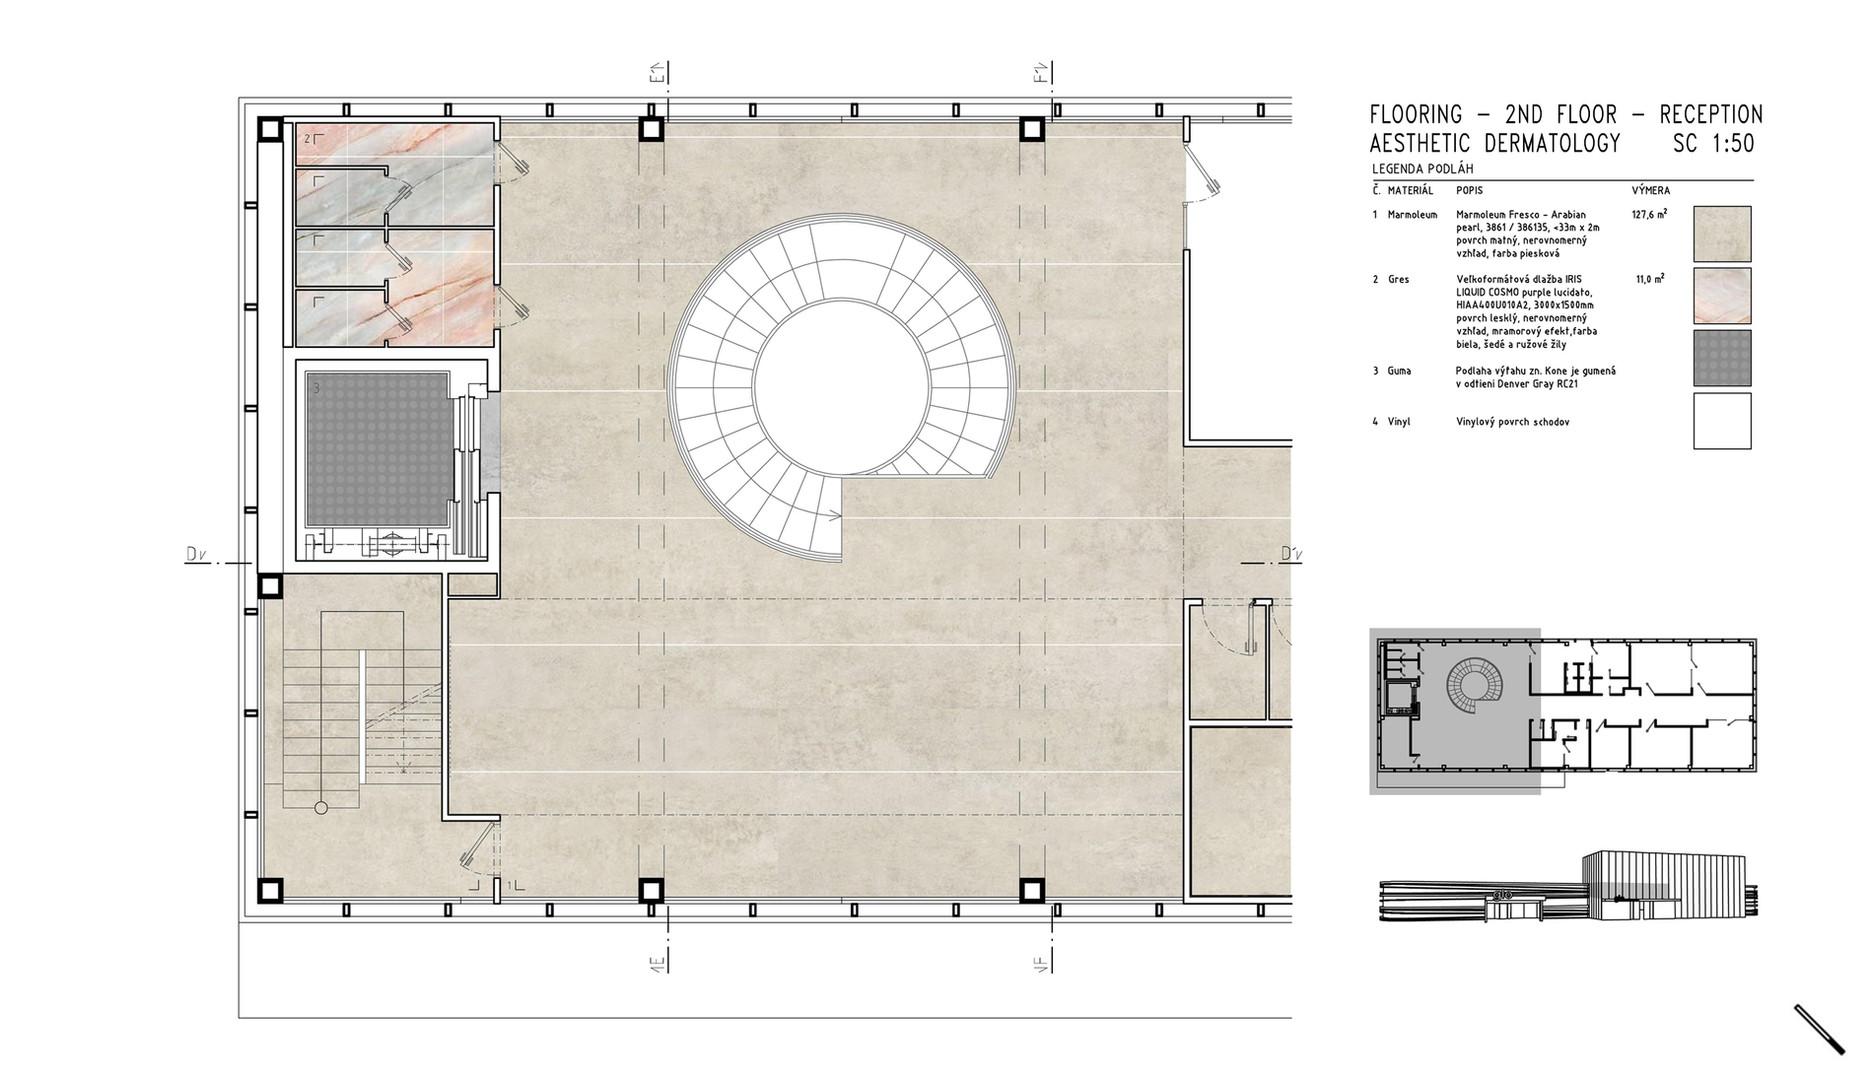 2nd floor reception flooring.jpg